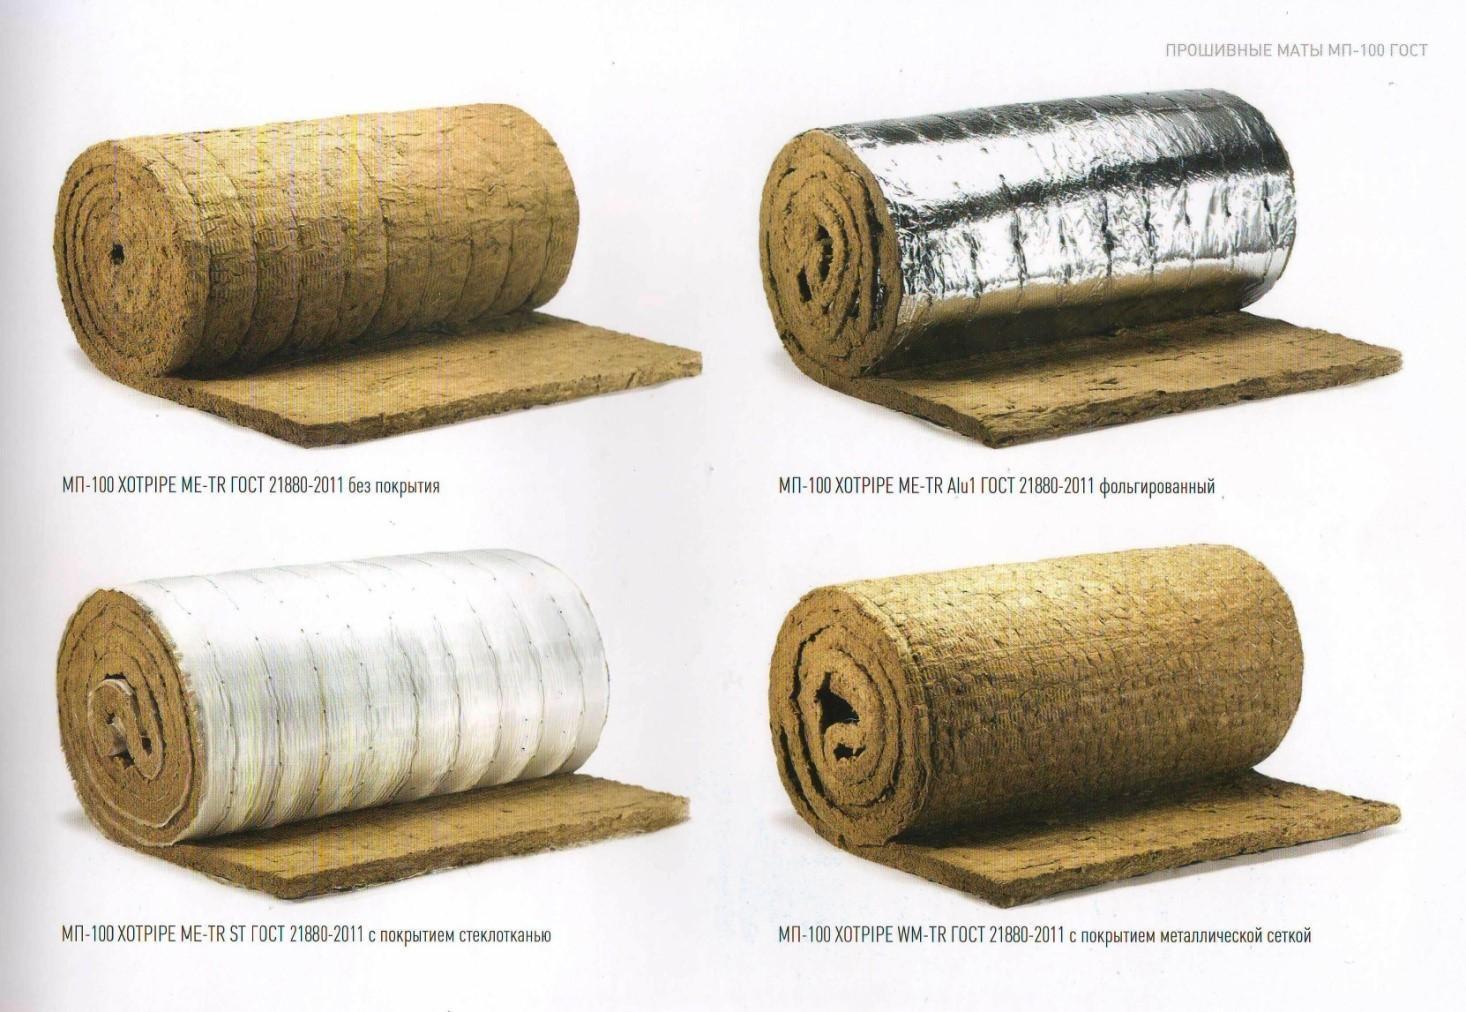 Ассортимент теплоизоляционных материалов для трубопроводов